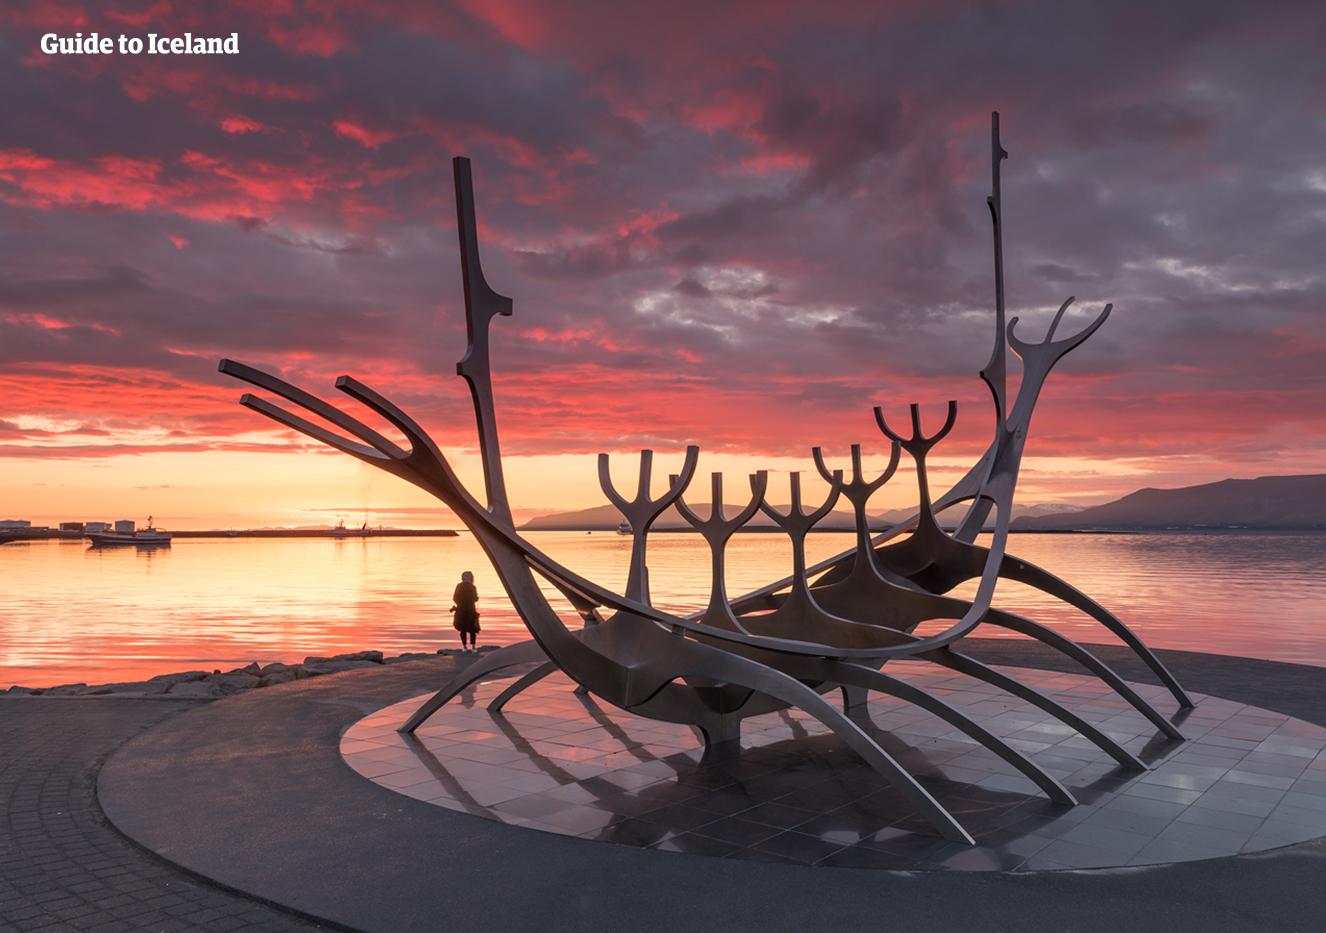 Il Viaggiatore del Sole (Sólfar) è una scultura di Jón Gunnar Árnason.